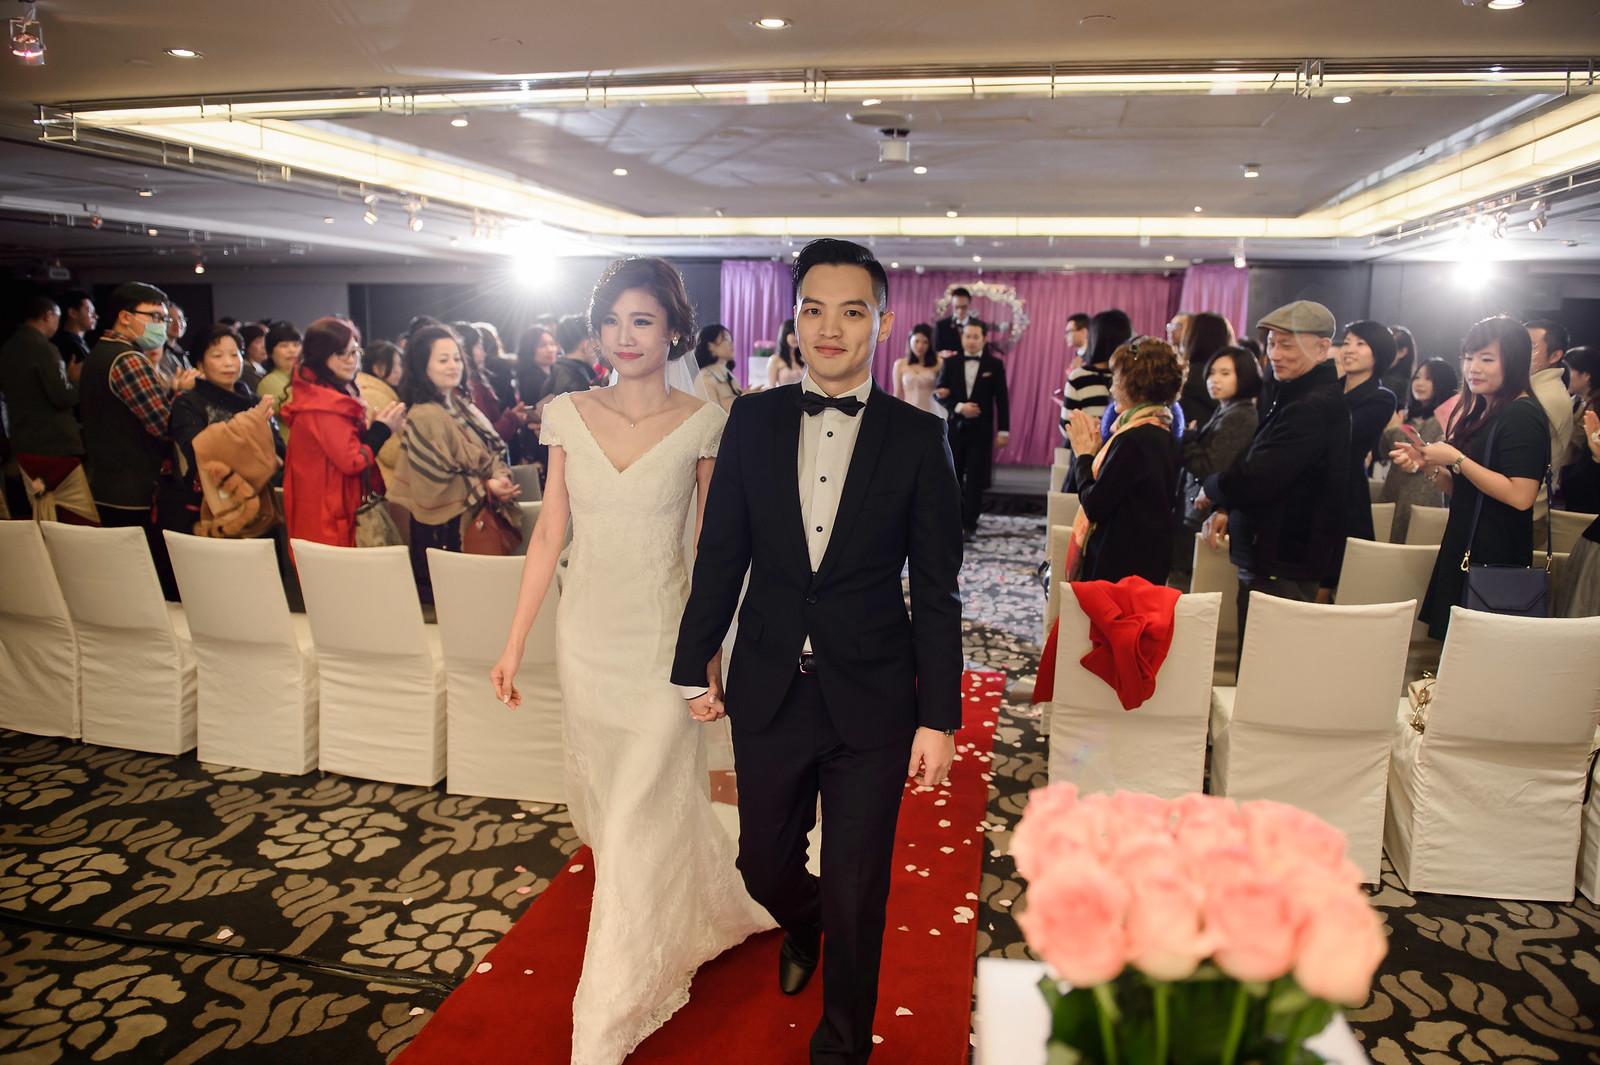 台北婚攝, 婚禮攝影, 婚攝, 婚攝守恆, 婚攝推薦, 晶華酒店, 晶華酒店婚宴, 晶華酒店婚攝-58